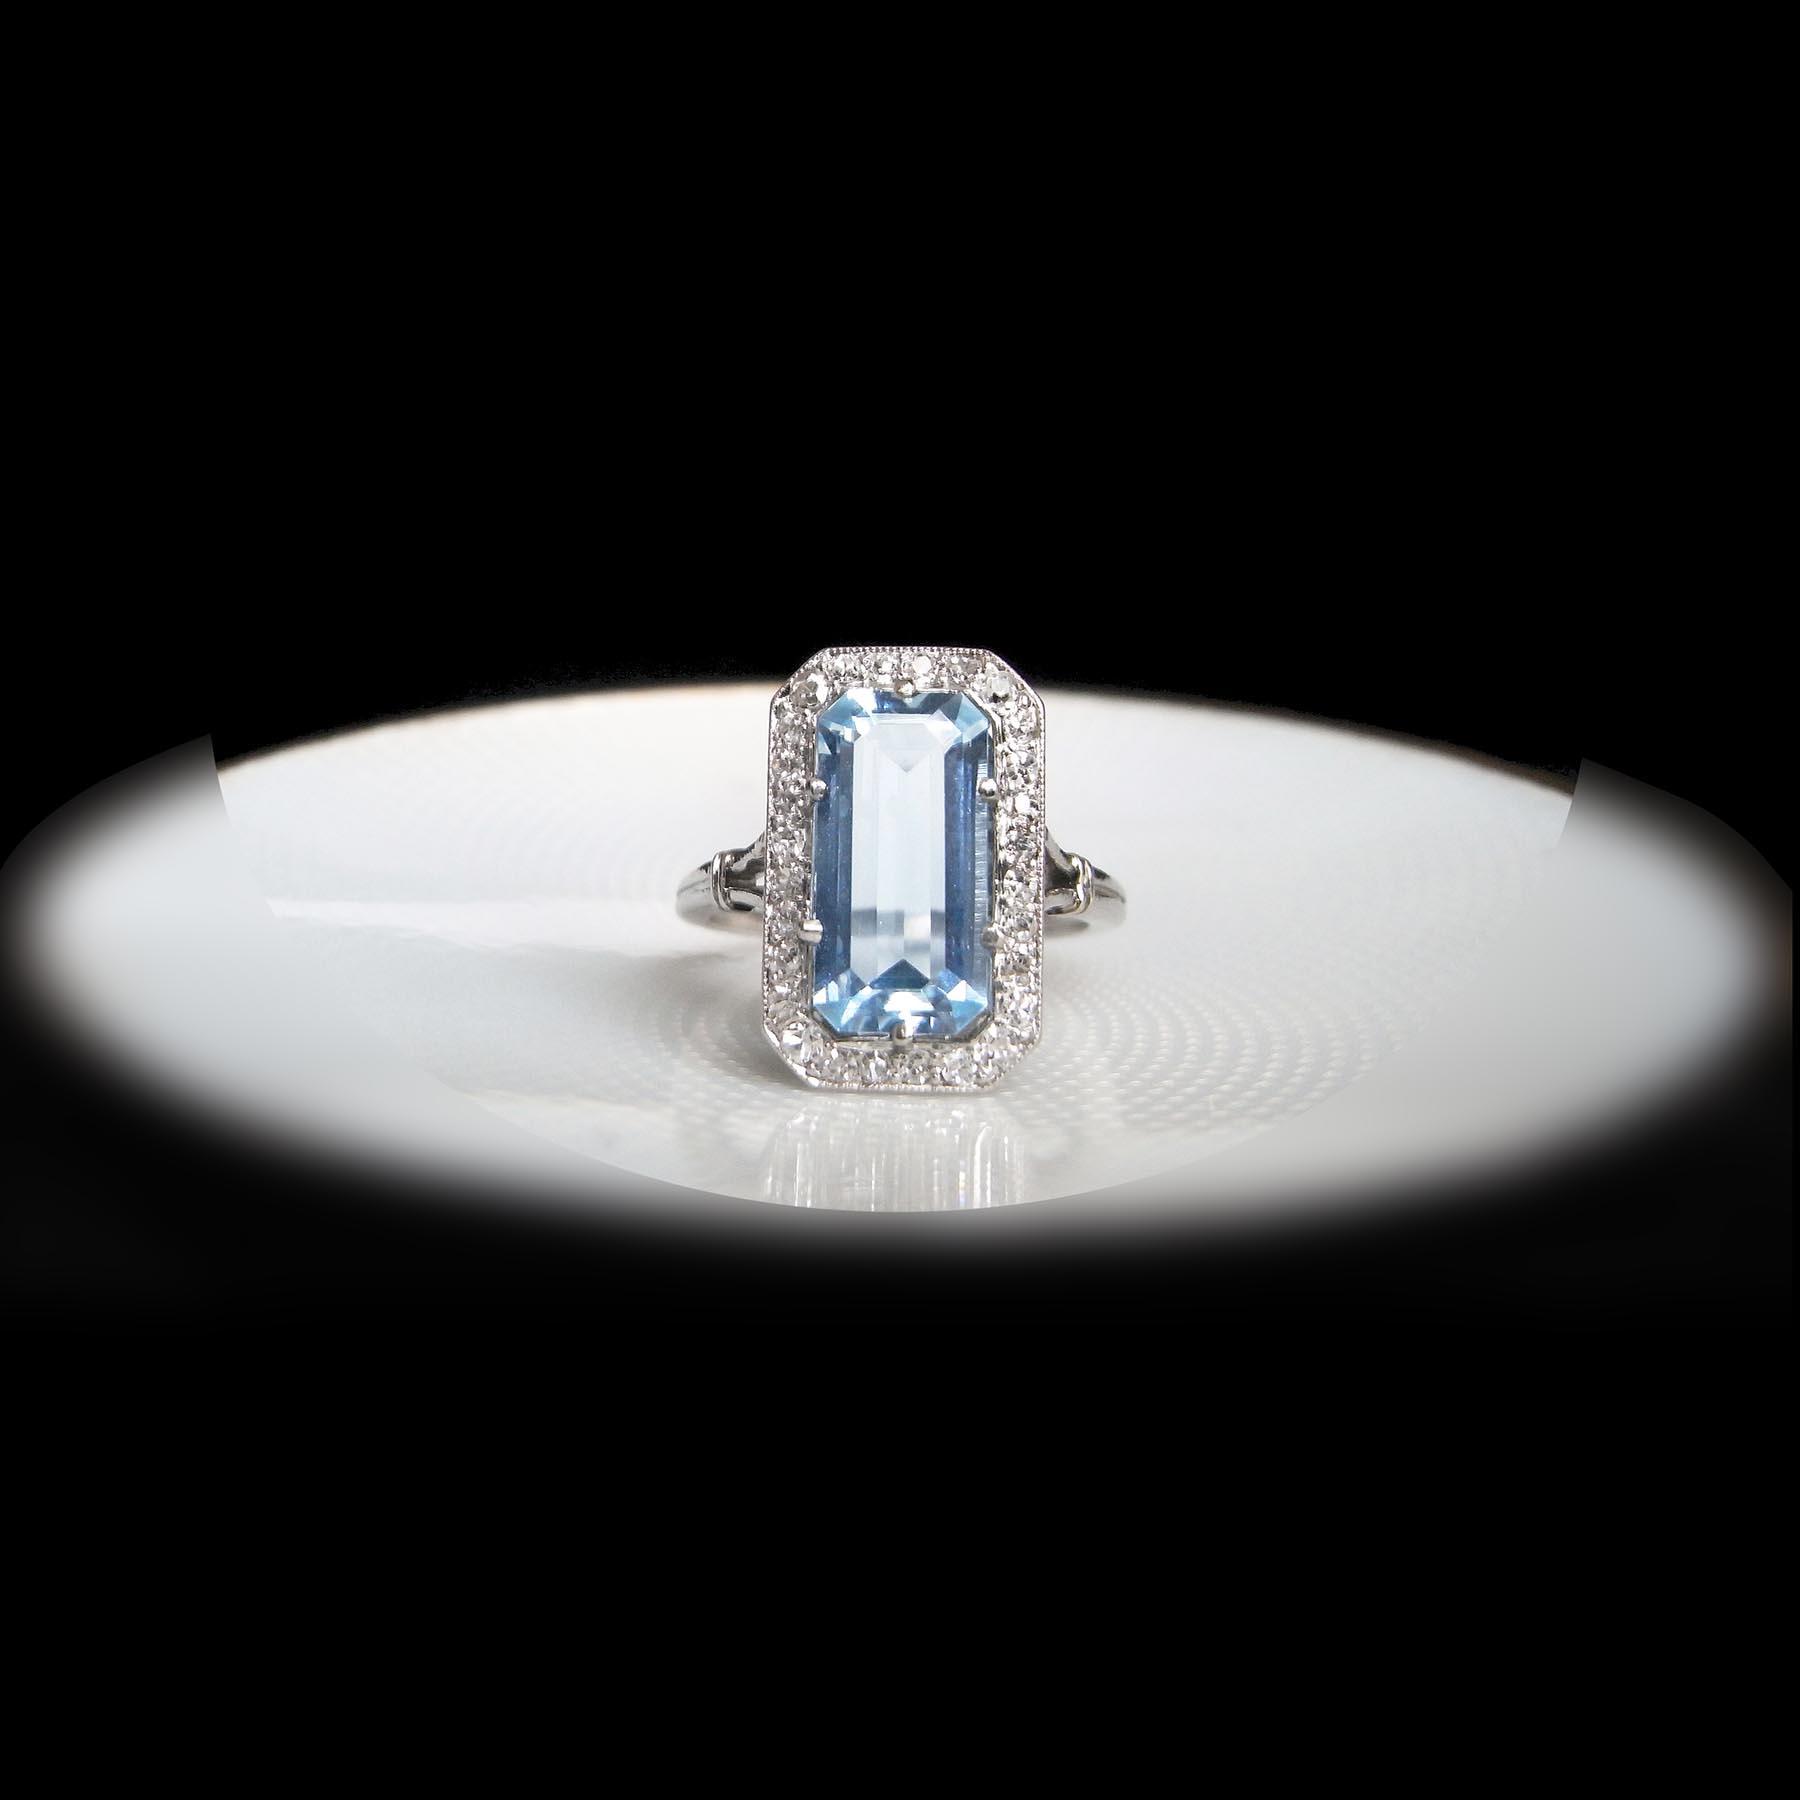 アクアマリンのアンティークジュエリー指輪